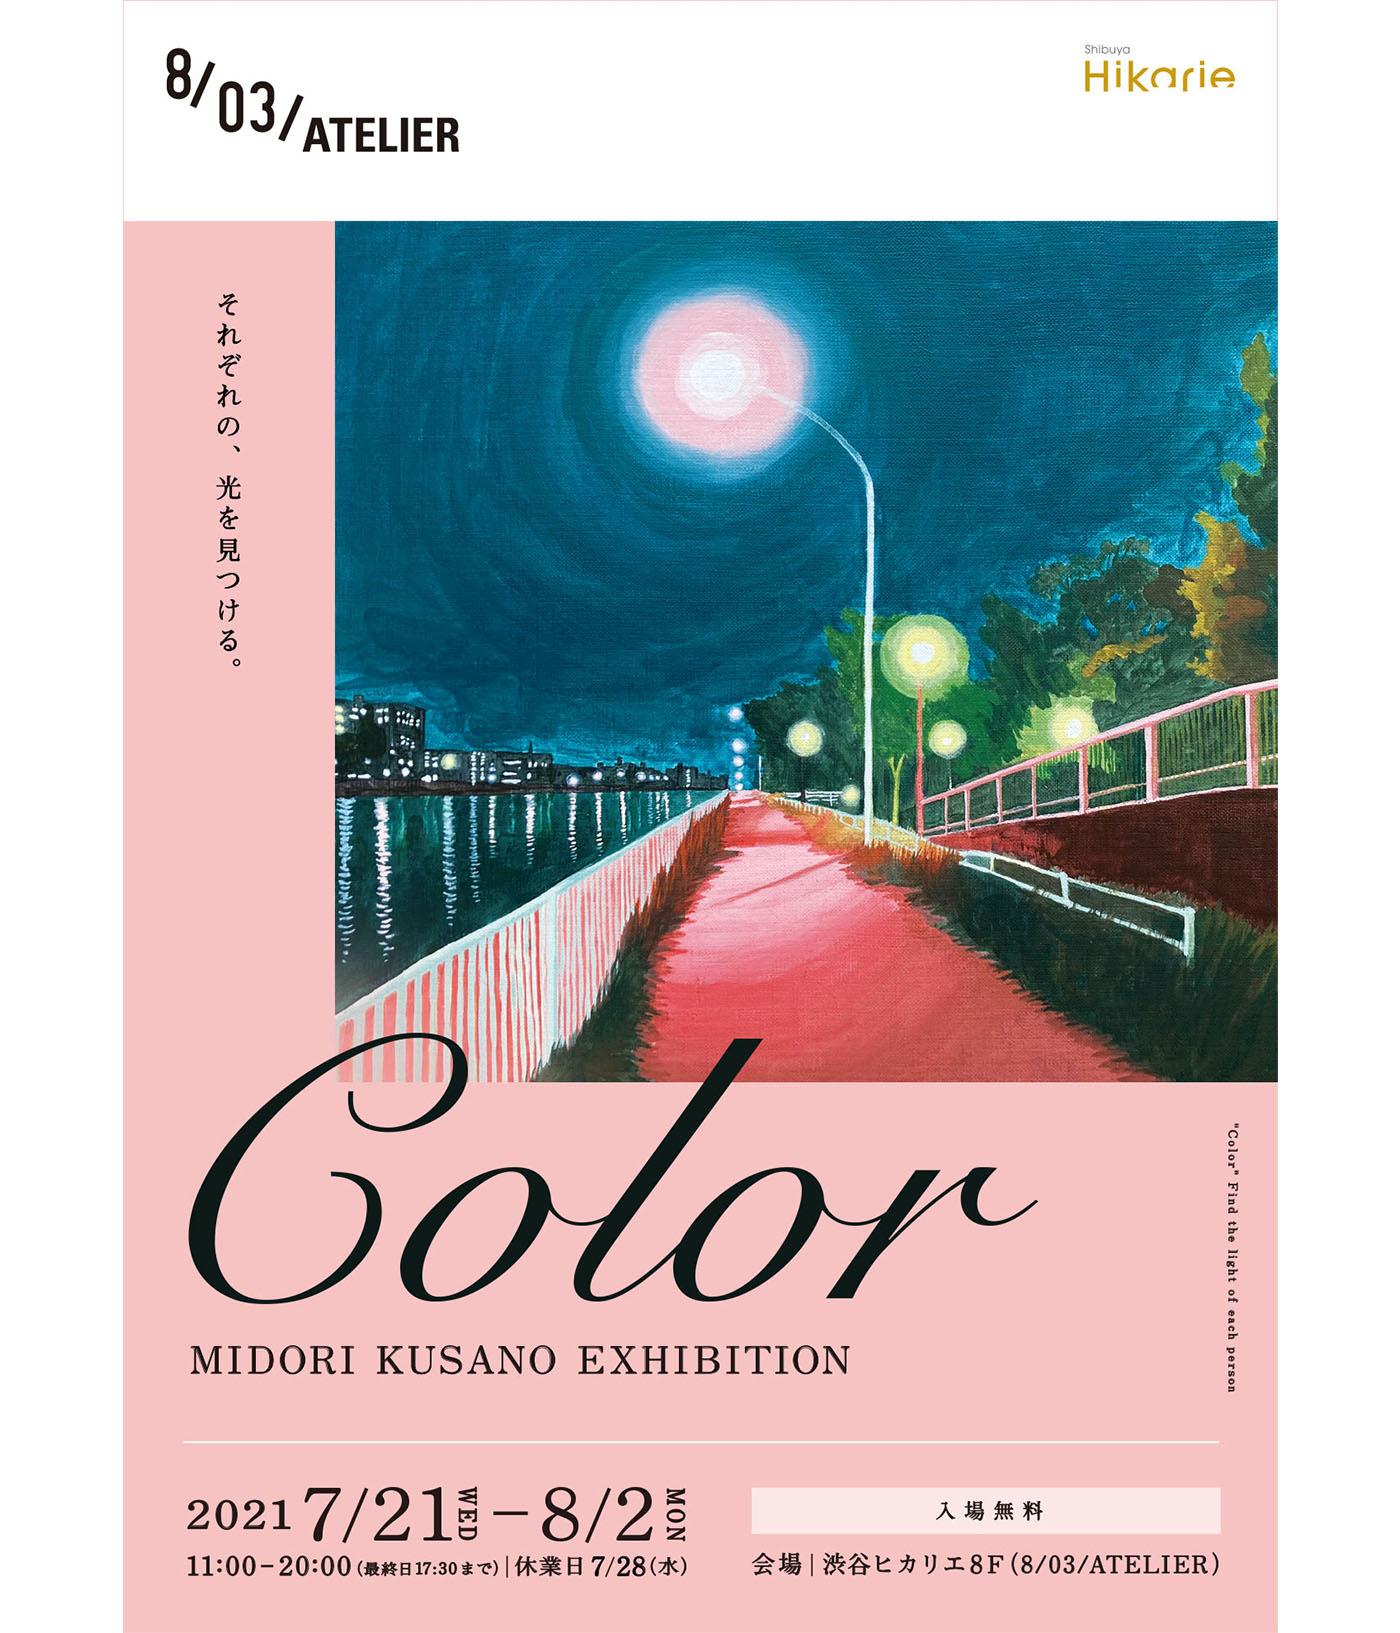 草野碧個展「color」@渋谷ヒカリエ